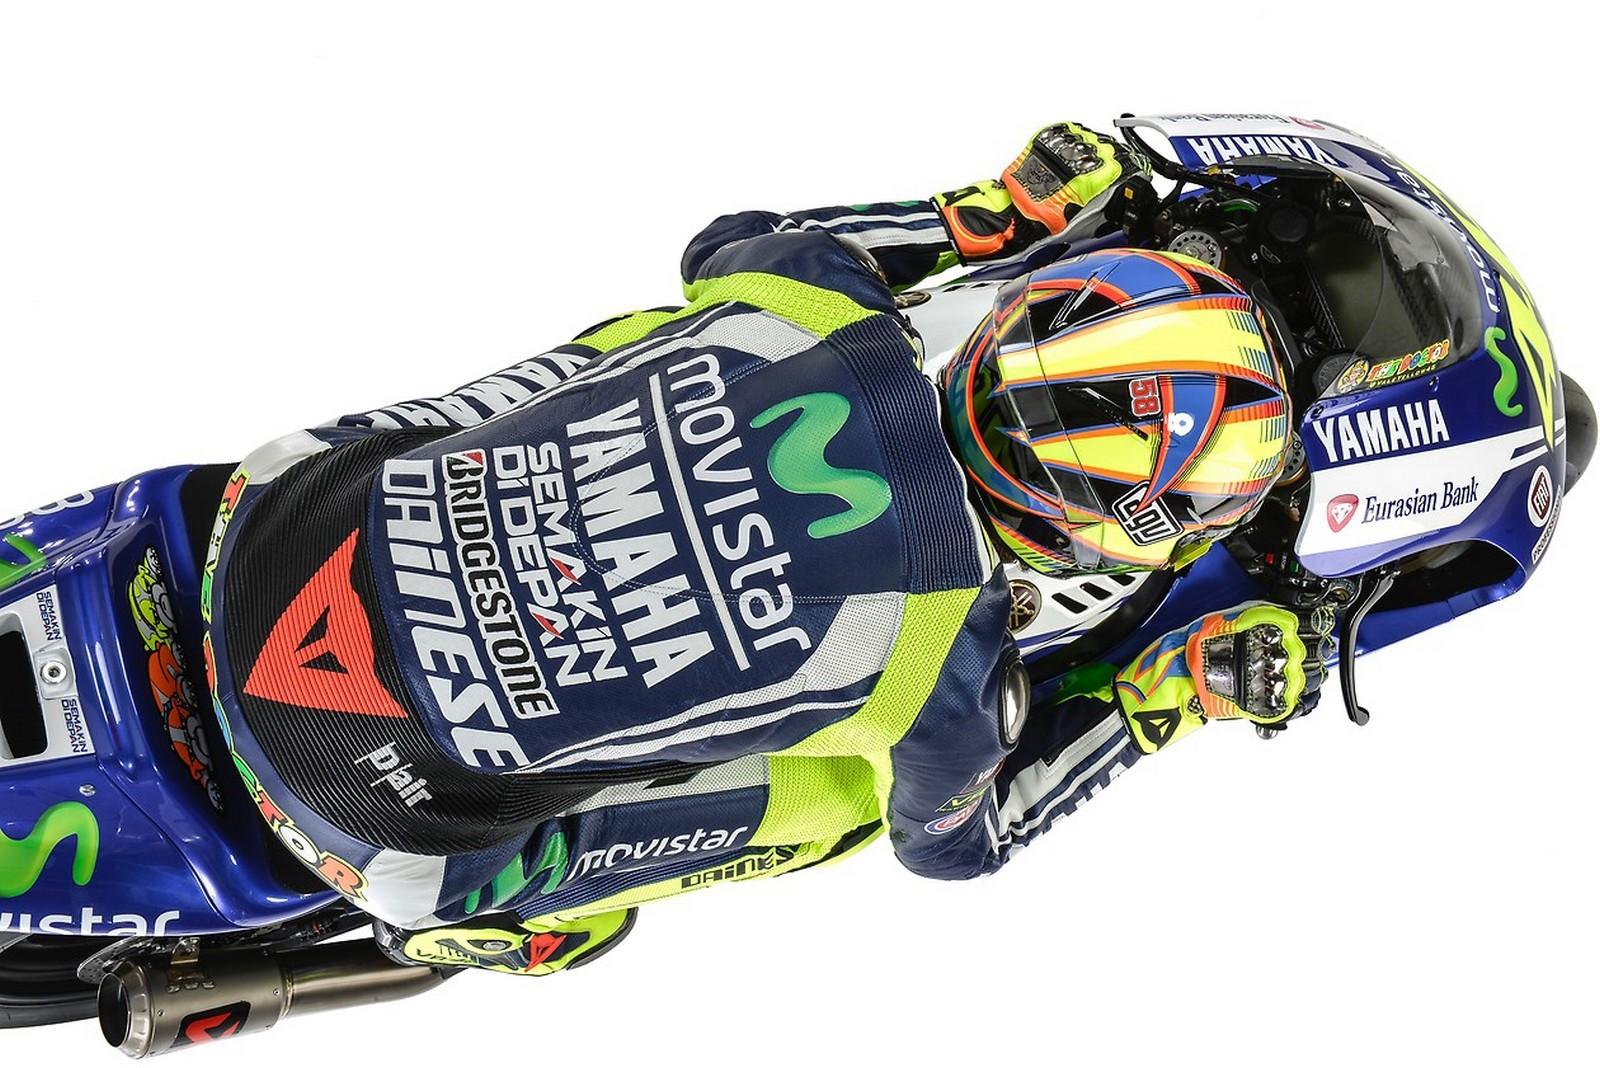 Yamaha Movistar - Foto MotoGP alta risoluzione 28 di 48